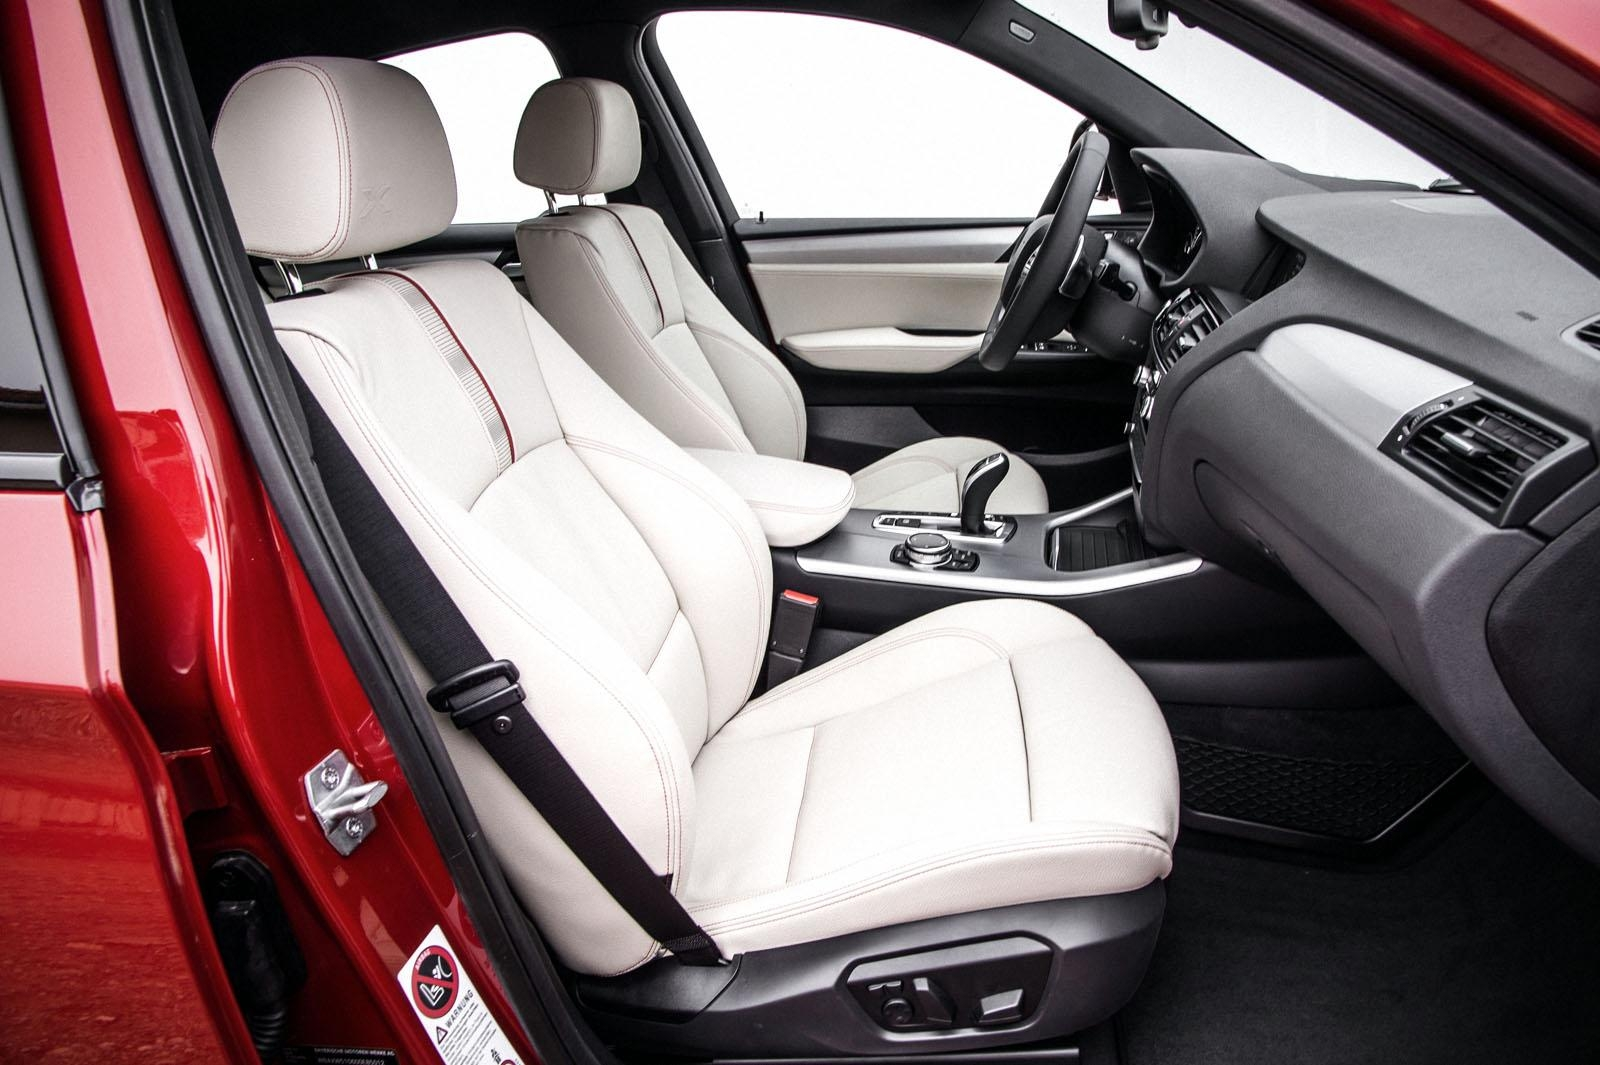 http://images.caradisiac.com/images/2/9/5/6/92956/S0-Le-nouveau-BMW-X4-enfin-presente-316482.jpg